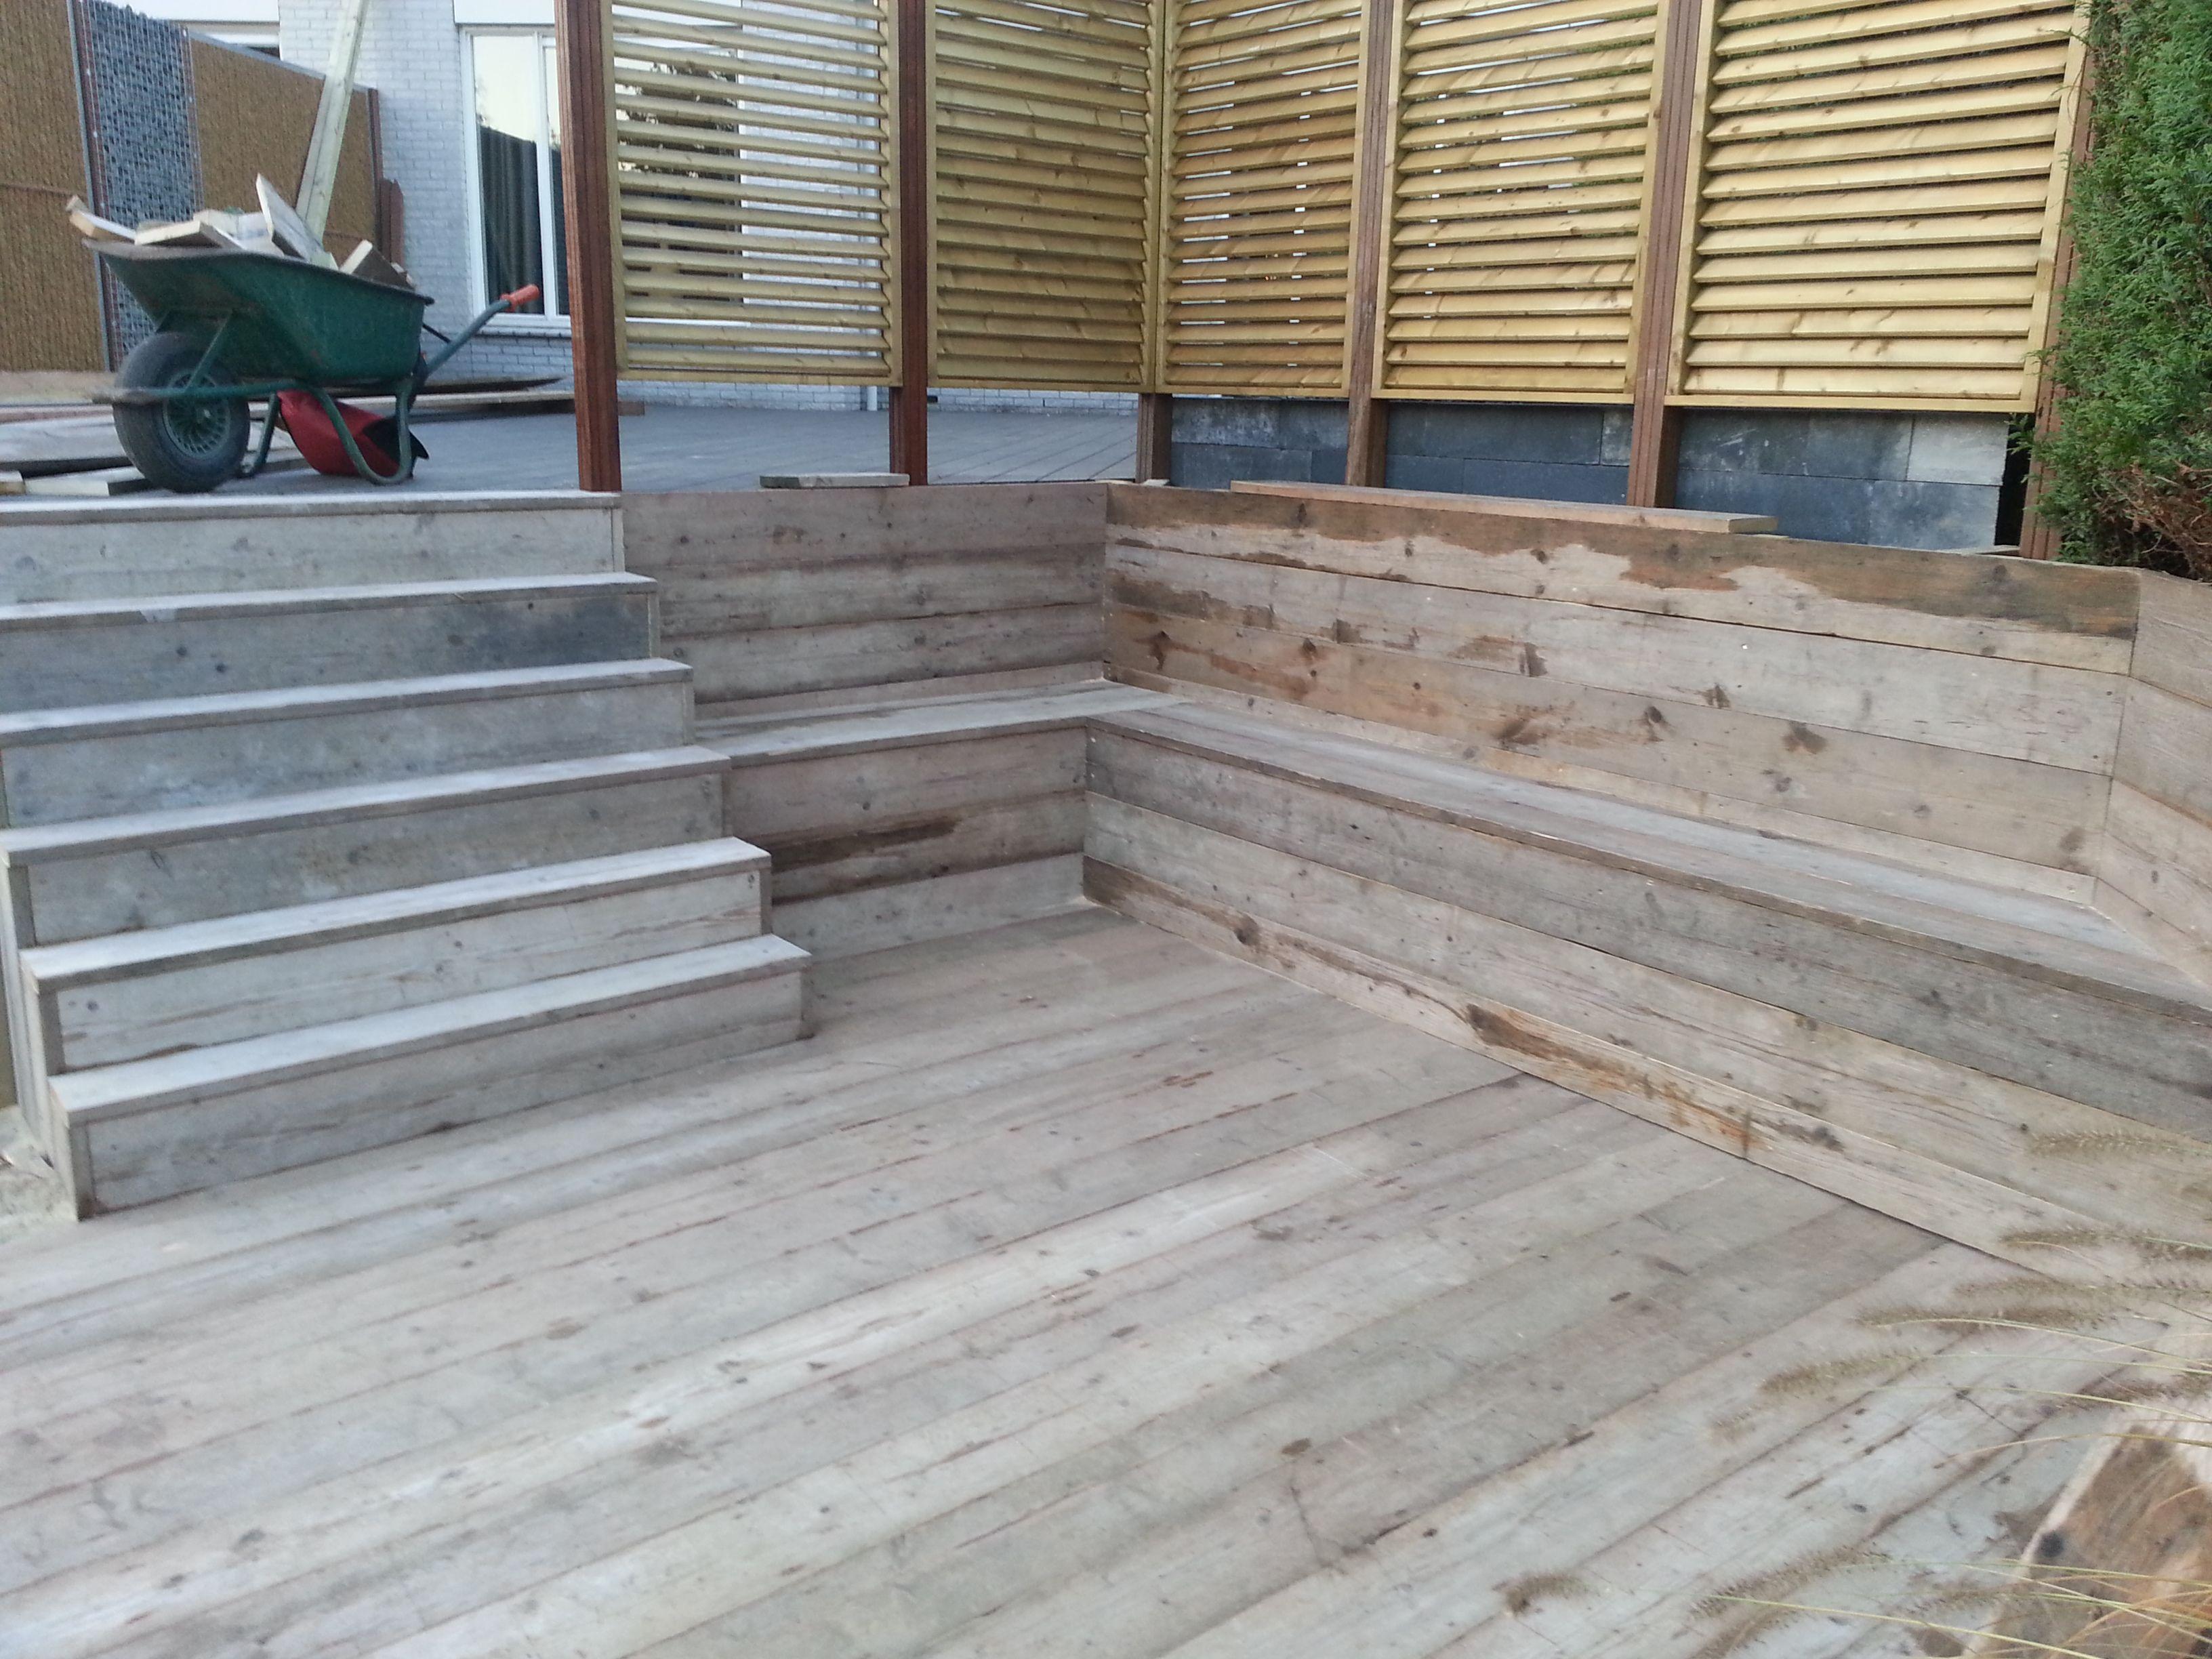 Stijger planken vlonder planken een prachtig natuurproduct ze zijn geschikt voor elk terras - Zwembad terras hout photo ...